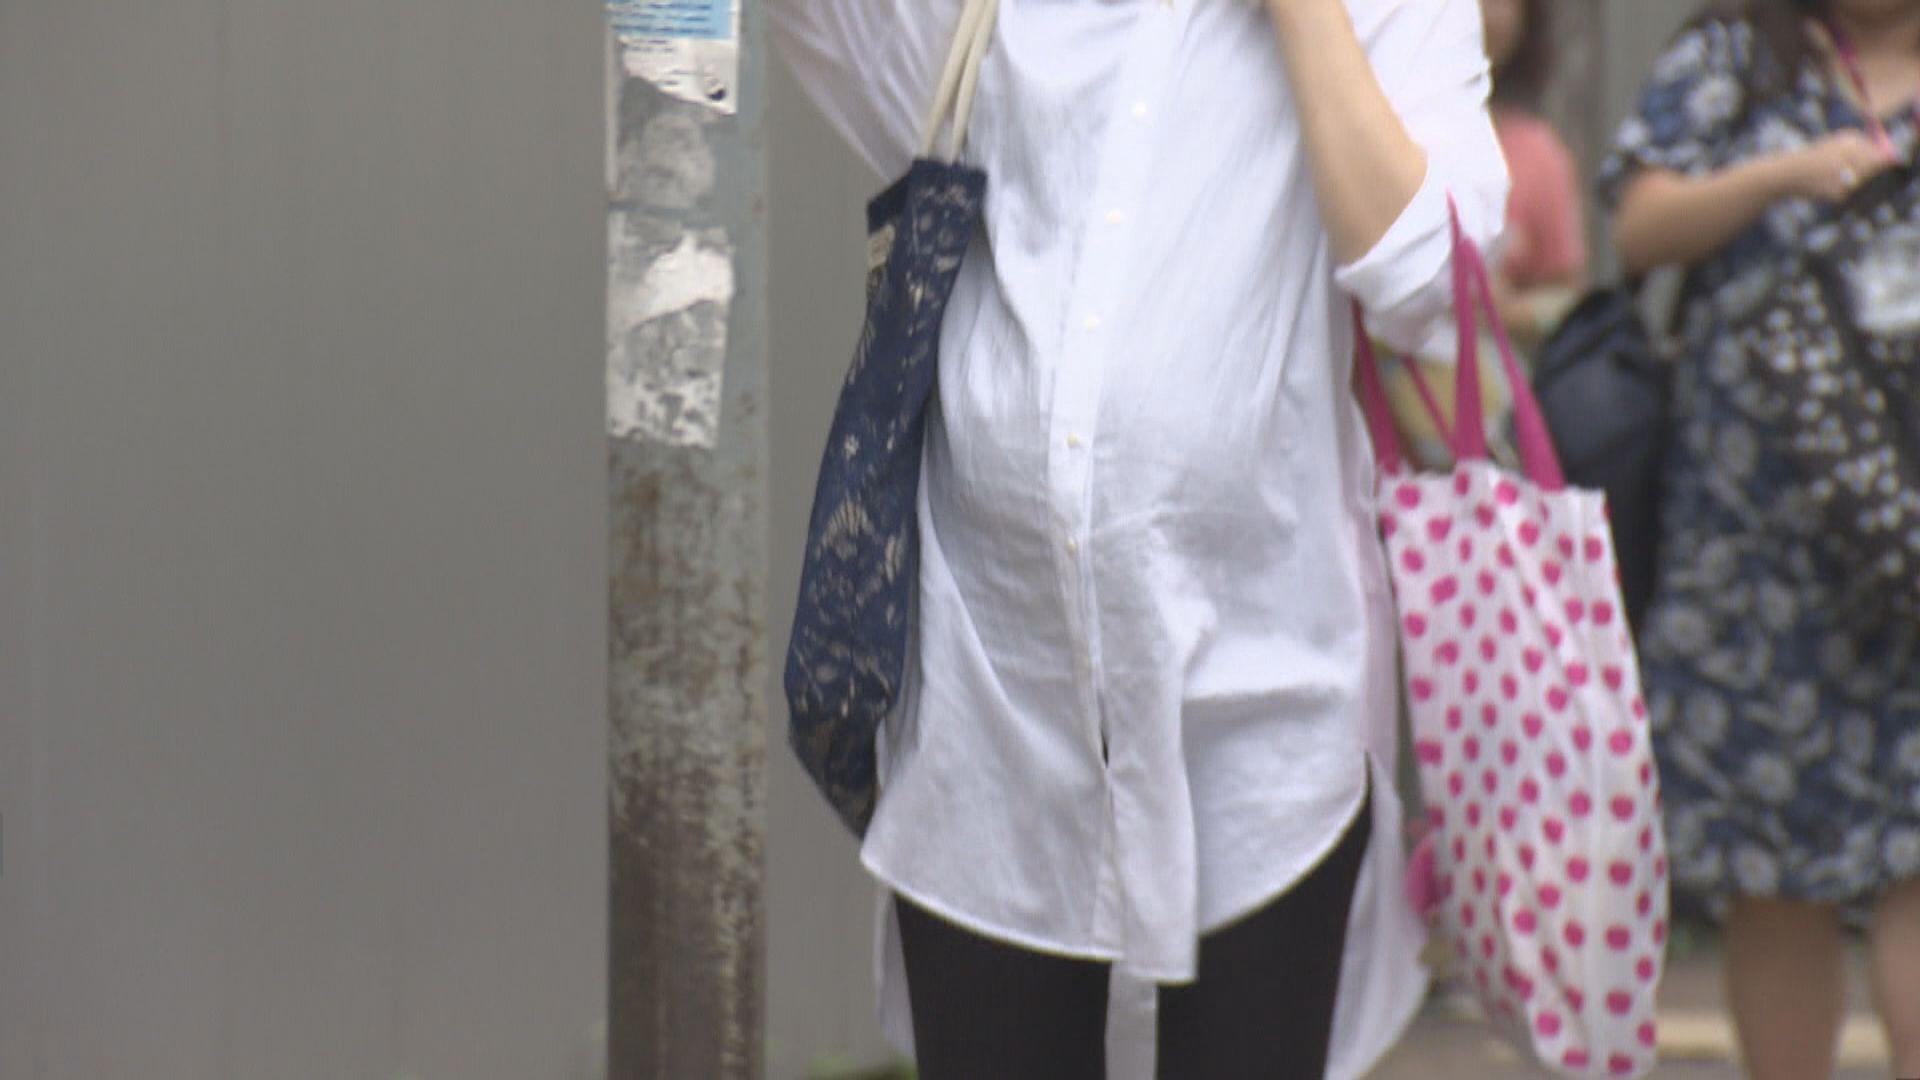 【施政報告】產假延至14周 全額補貼上限36822元